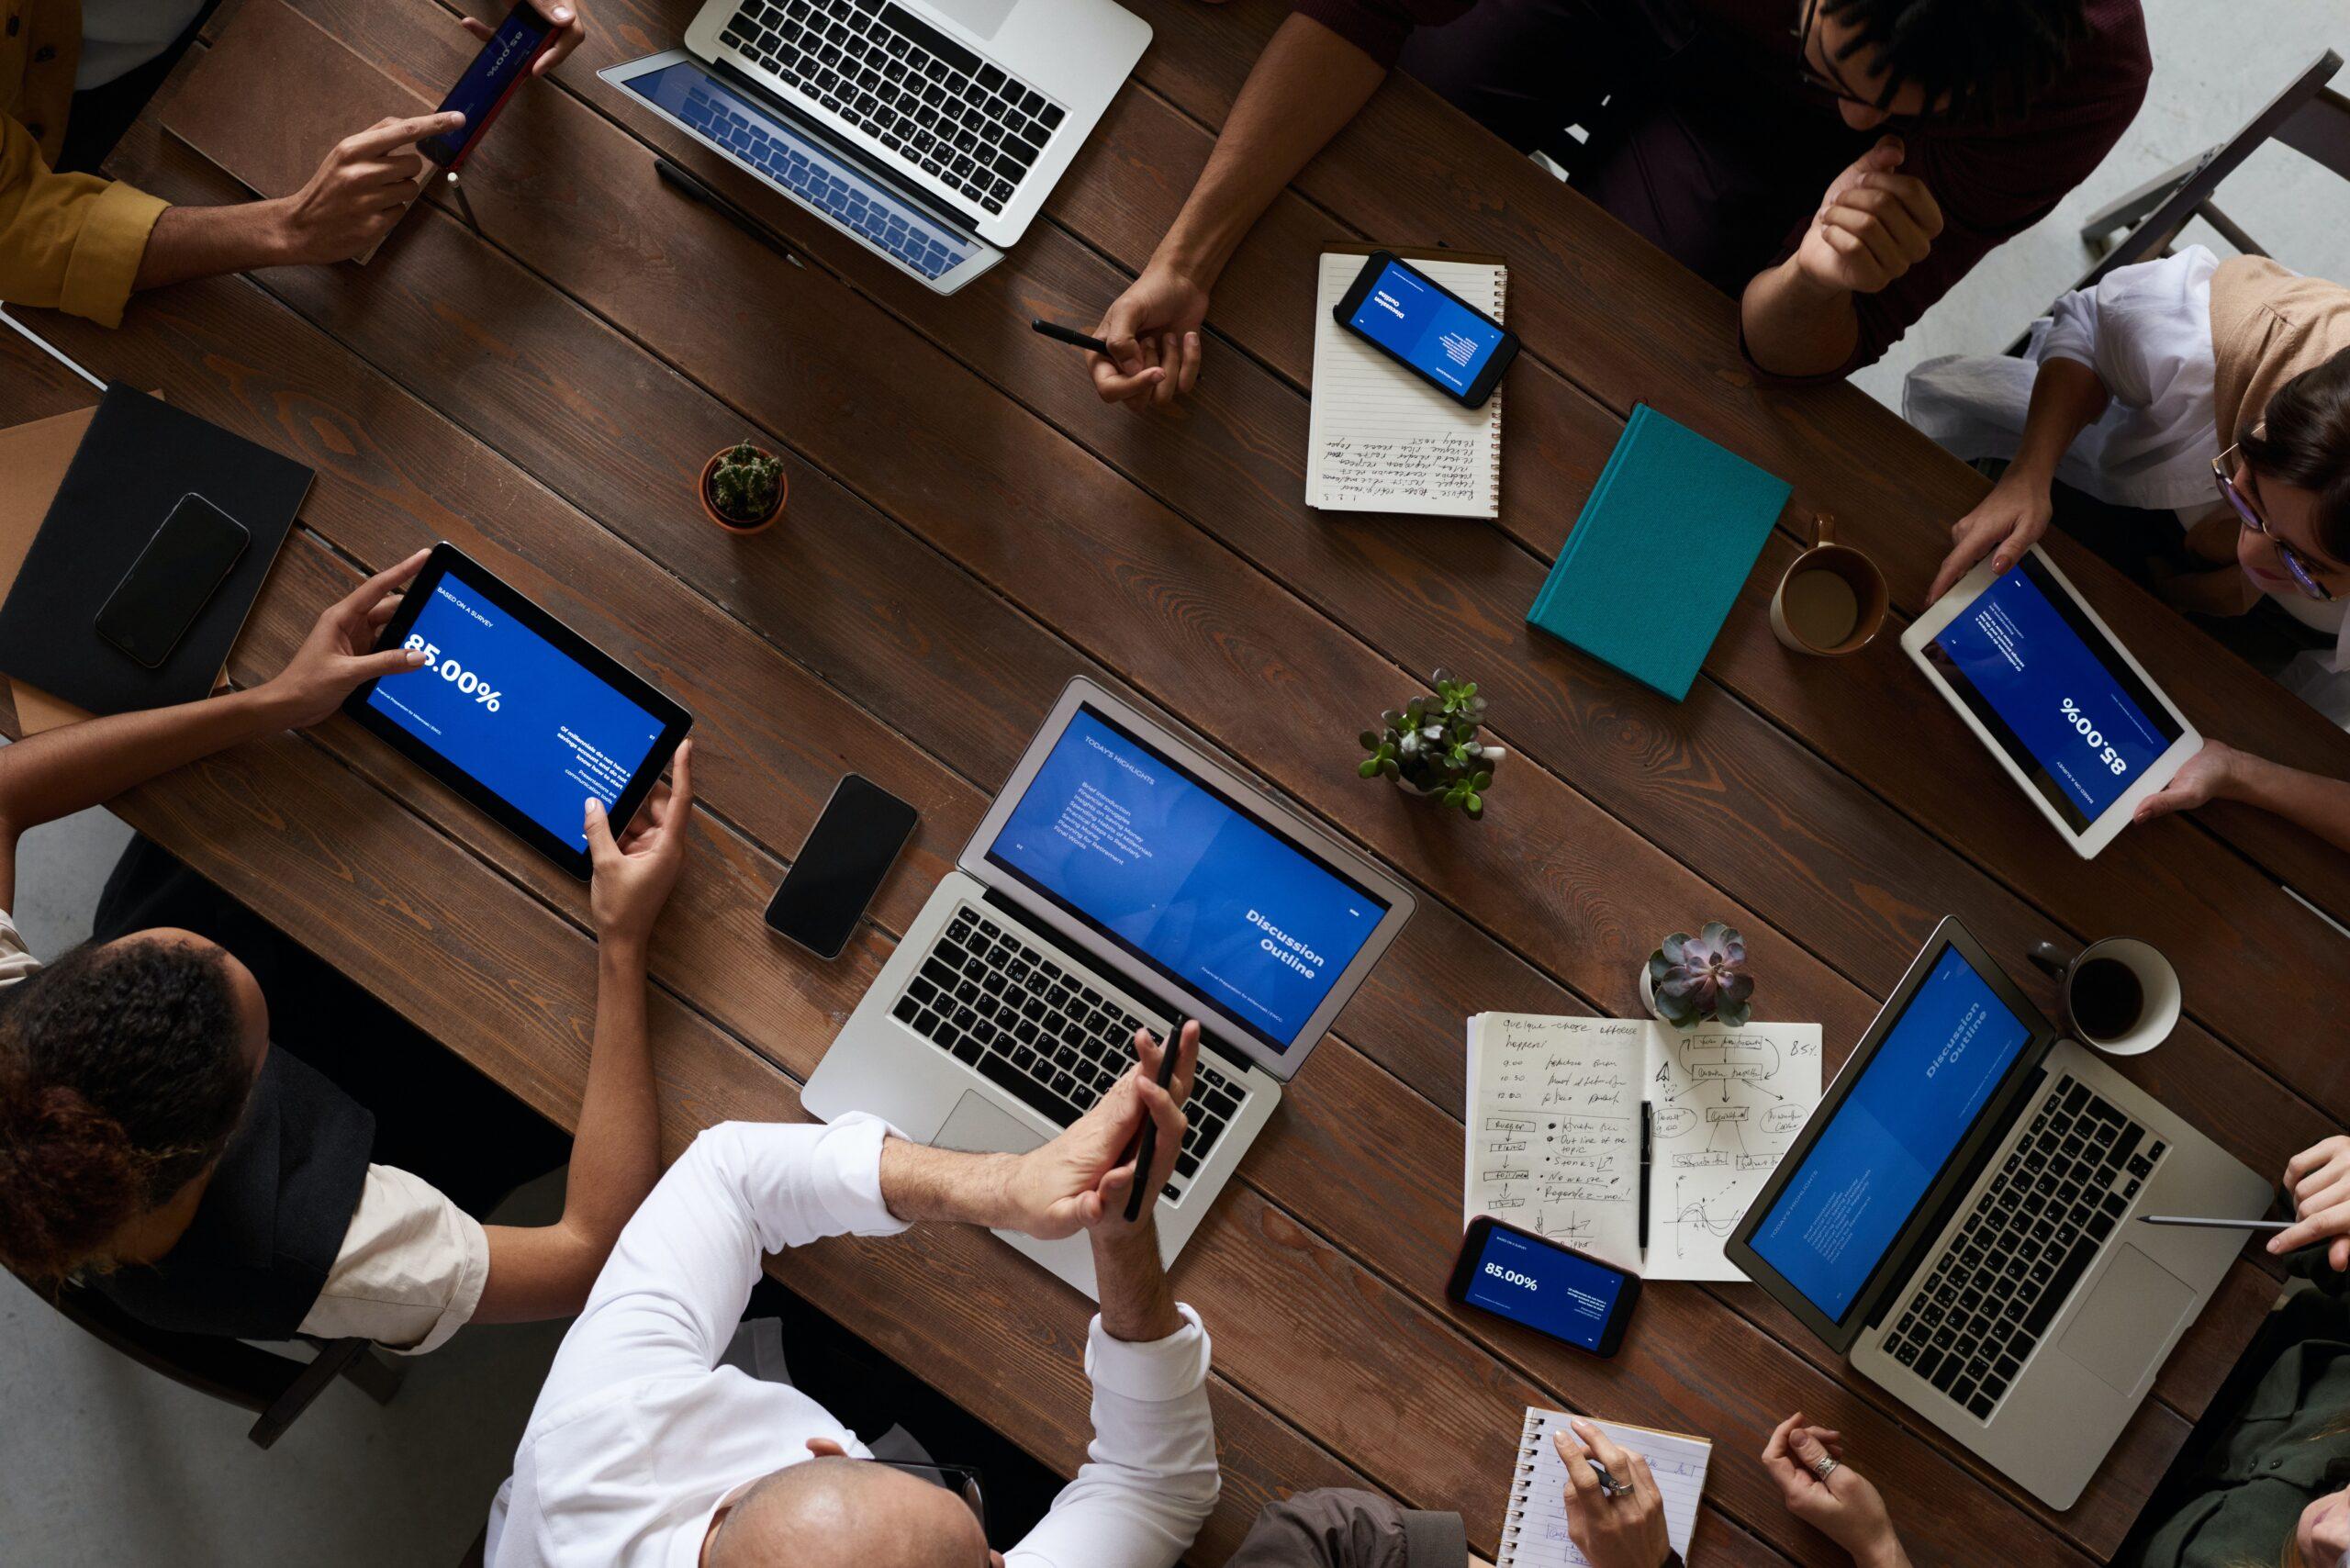 理想的なオフィスの特徴②:交流のためのフリースペースを作る